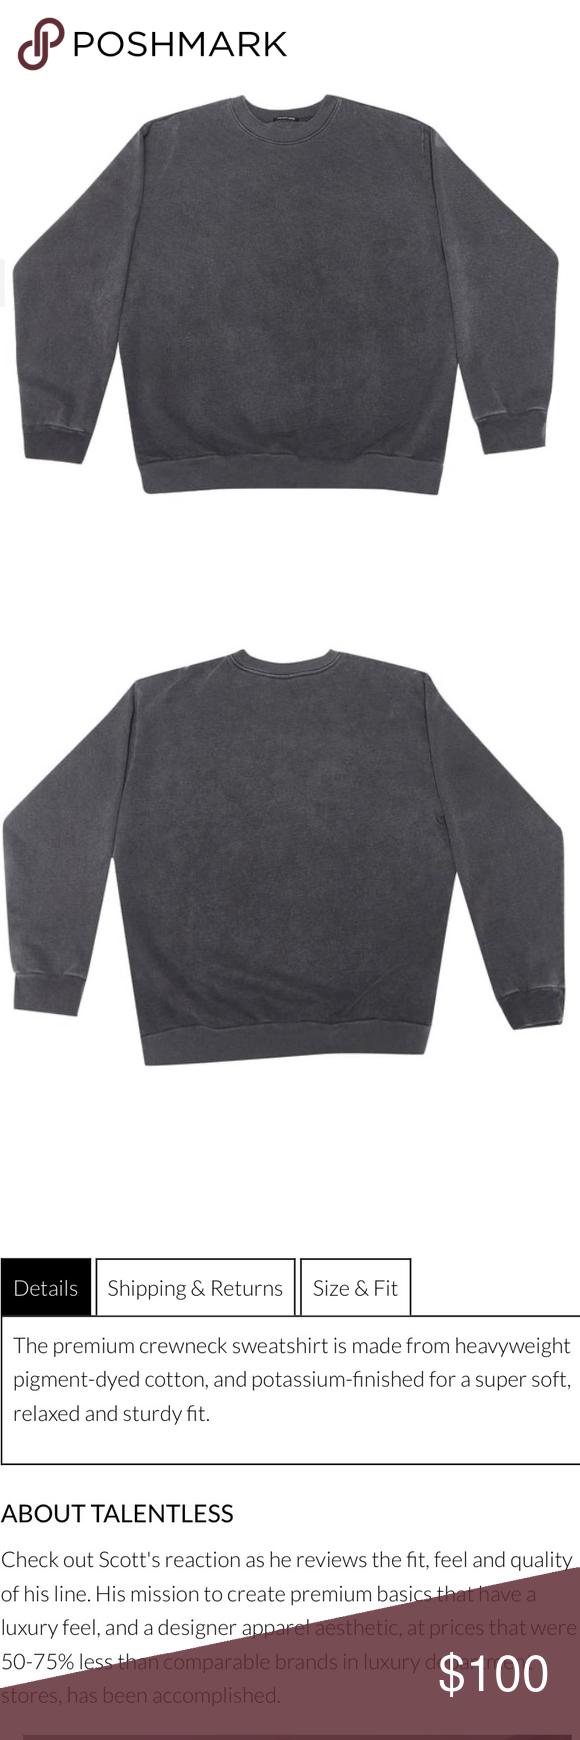 Nwt Talentless Men S Gray Crewneck Sweatshirt Grey Crewneck Crew Neck Sweatshirt Sweatshirts [ 1740 x 580 Pixel ]